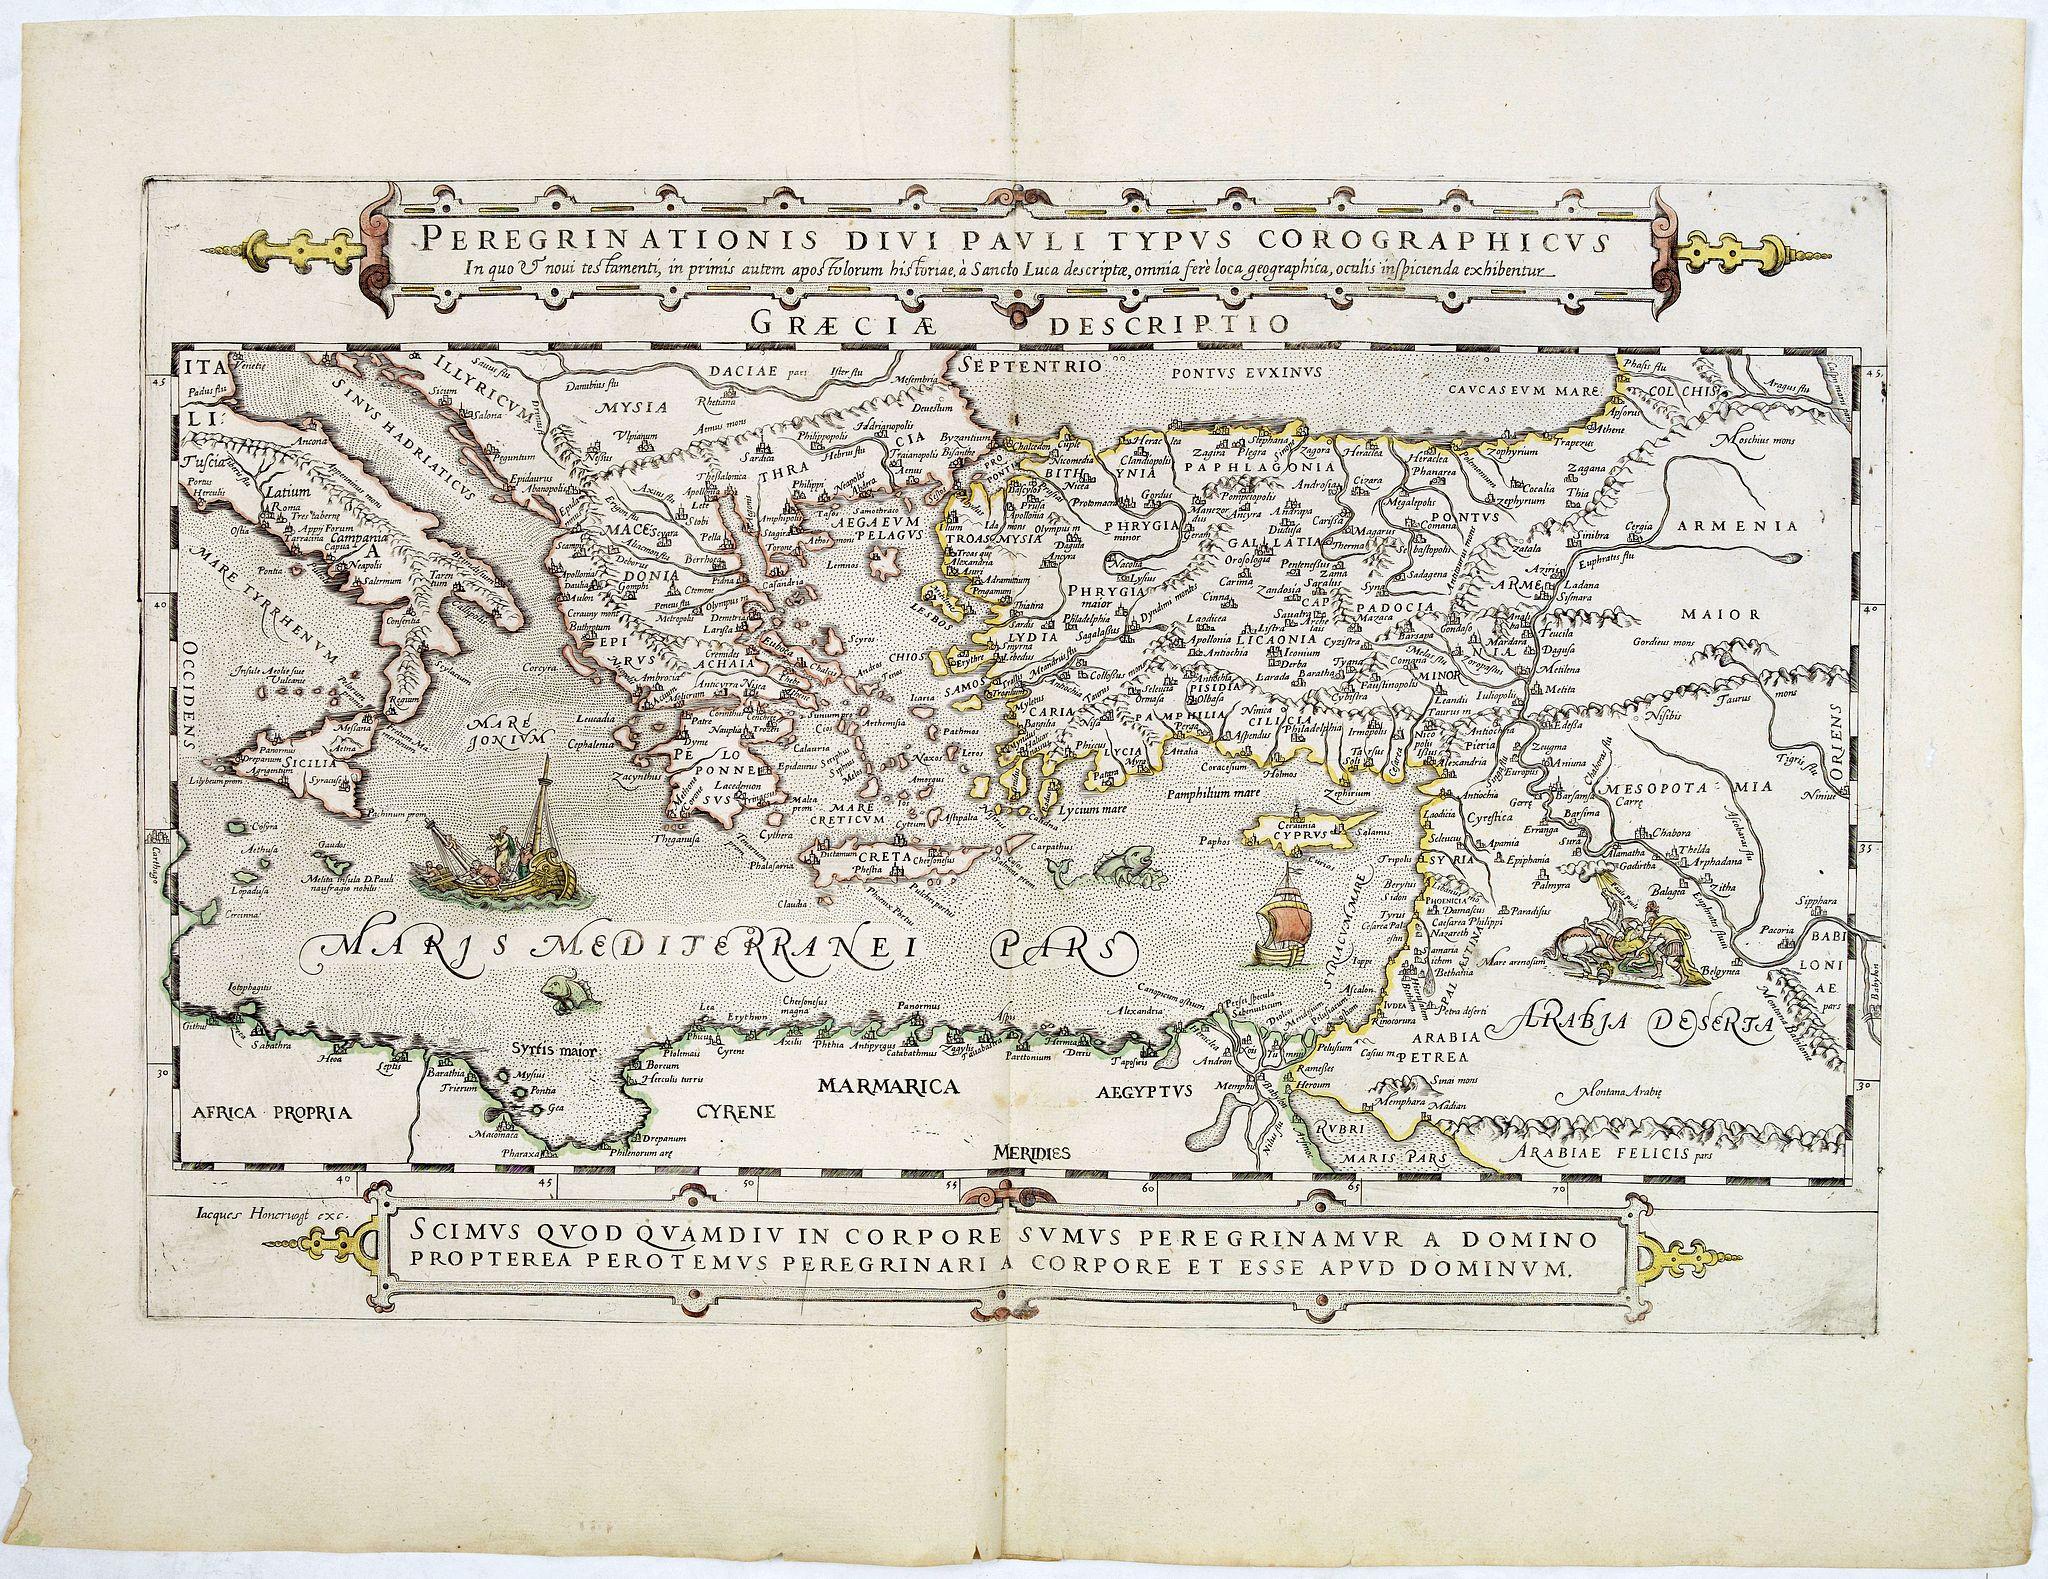 HONERVOGT, J. -  Peregrinations divi Pauli Tyrus Corographicus. . .